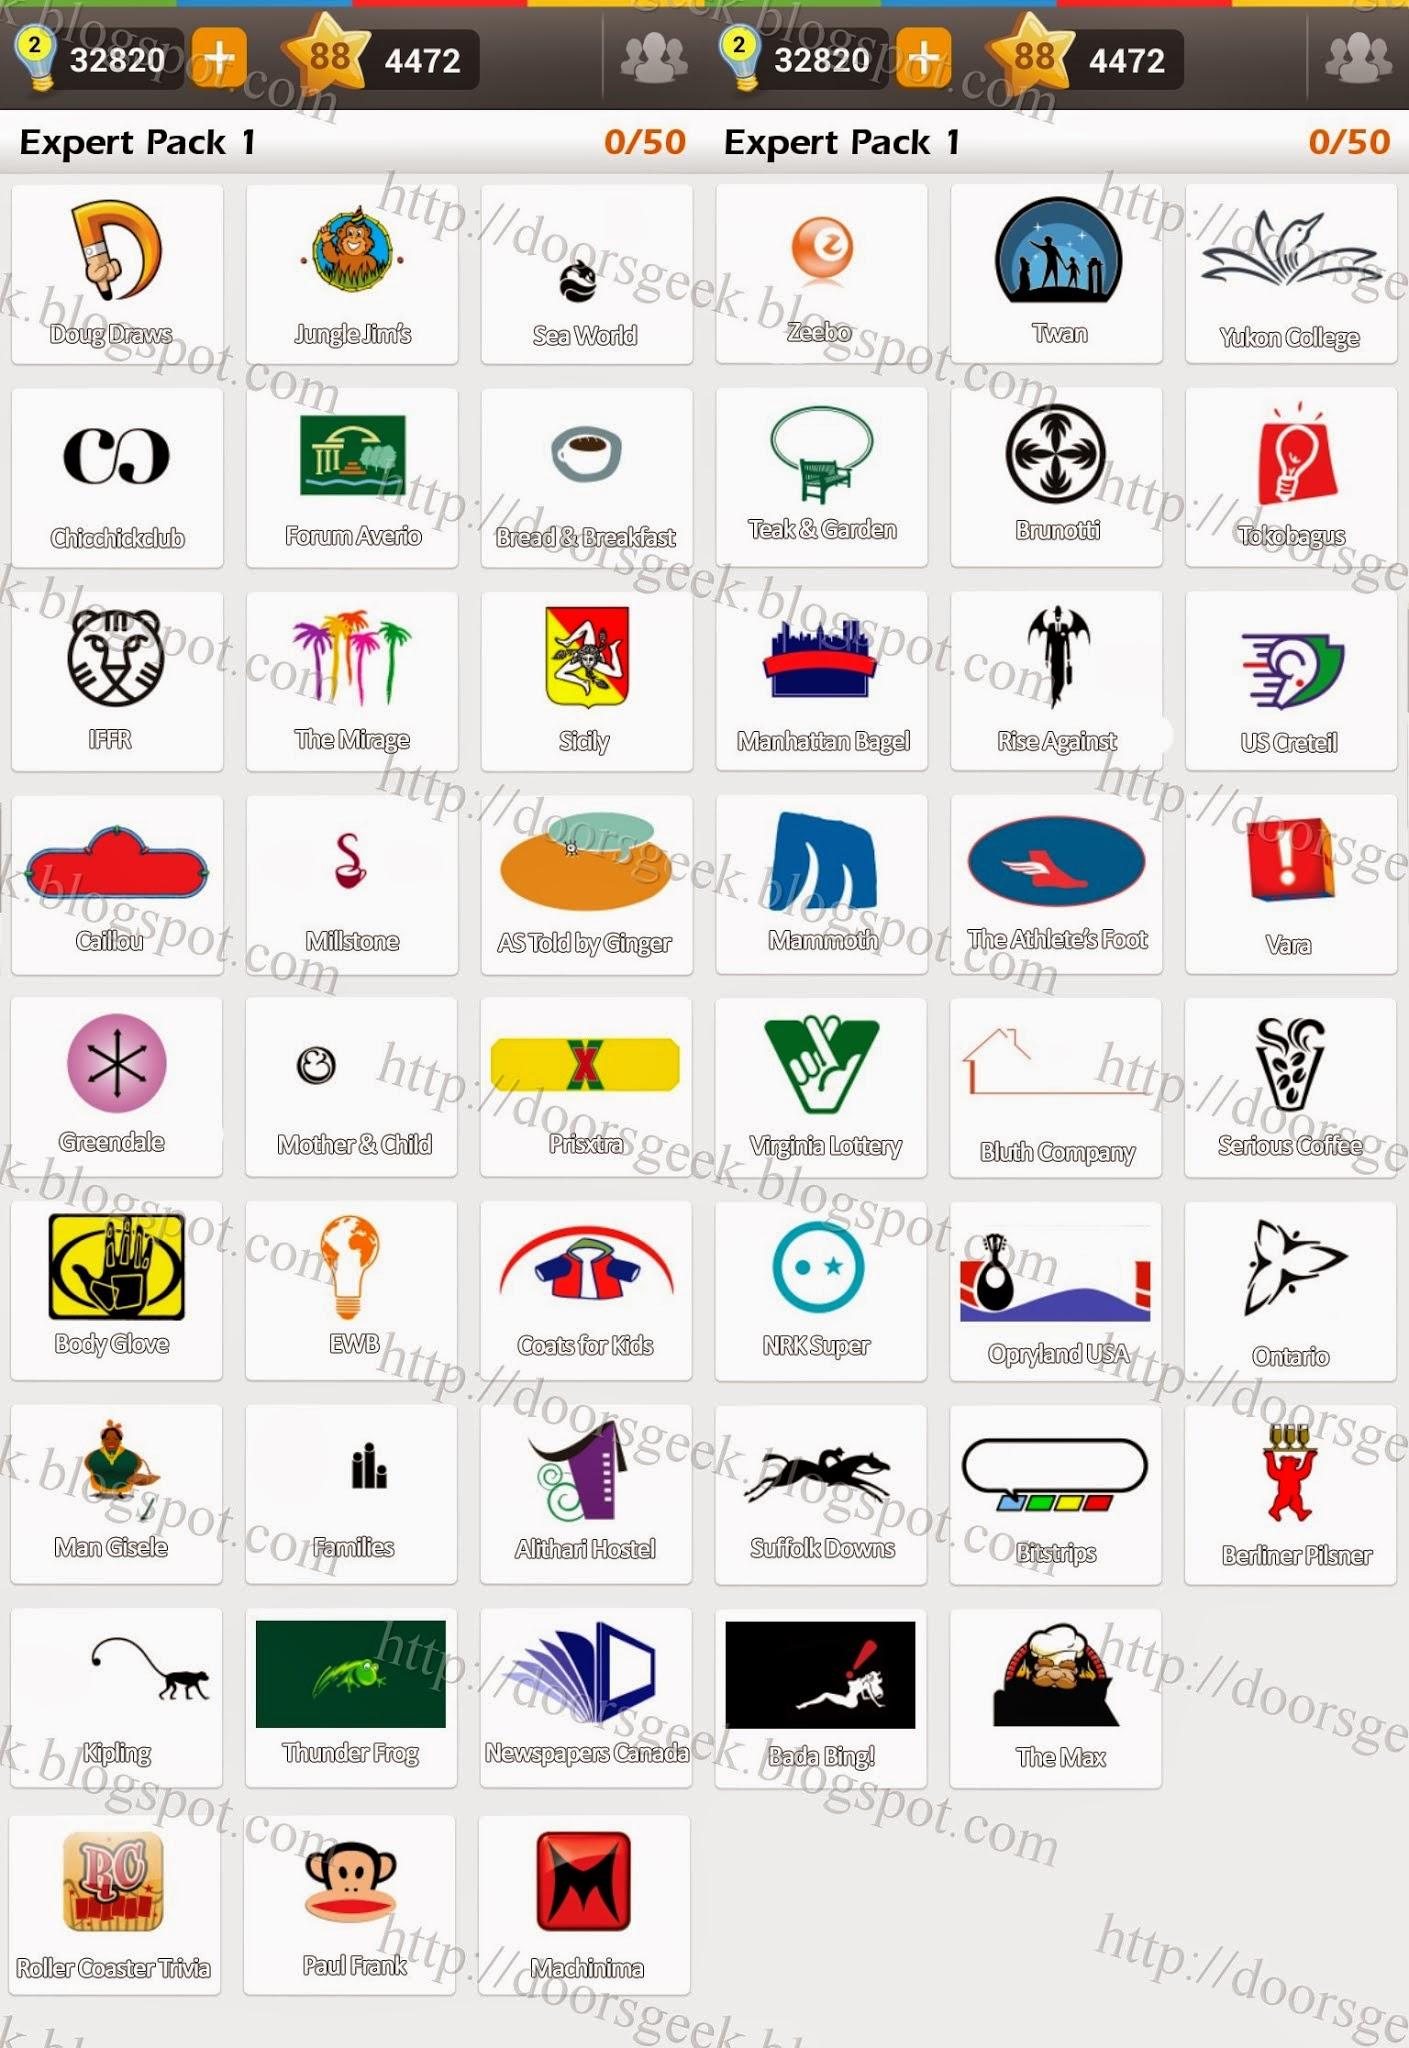 Logo Game: Guess the Brand [Expert] Pack 1 ~ Doors Geek